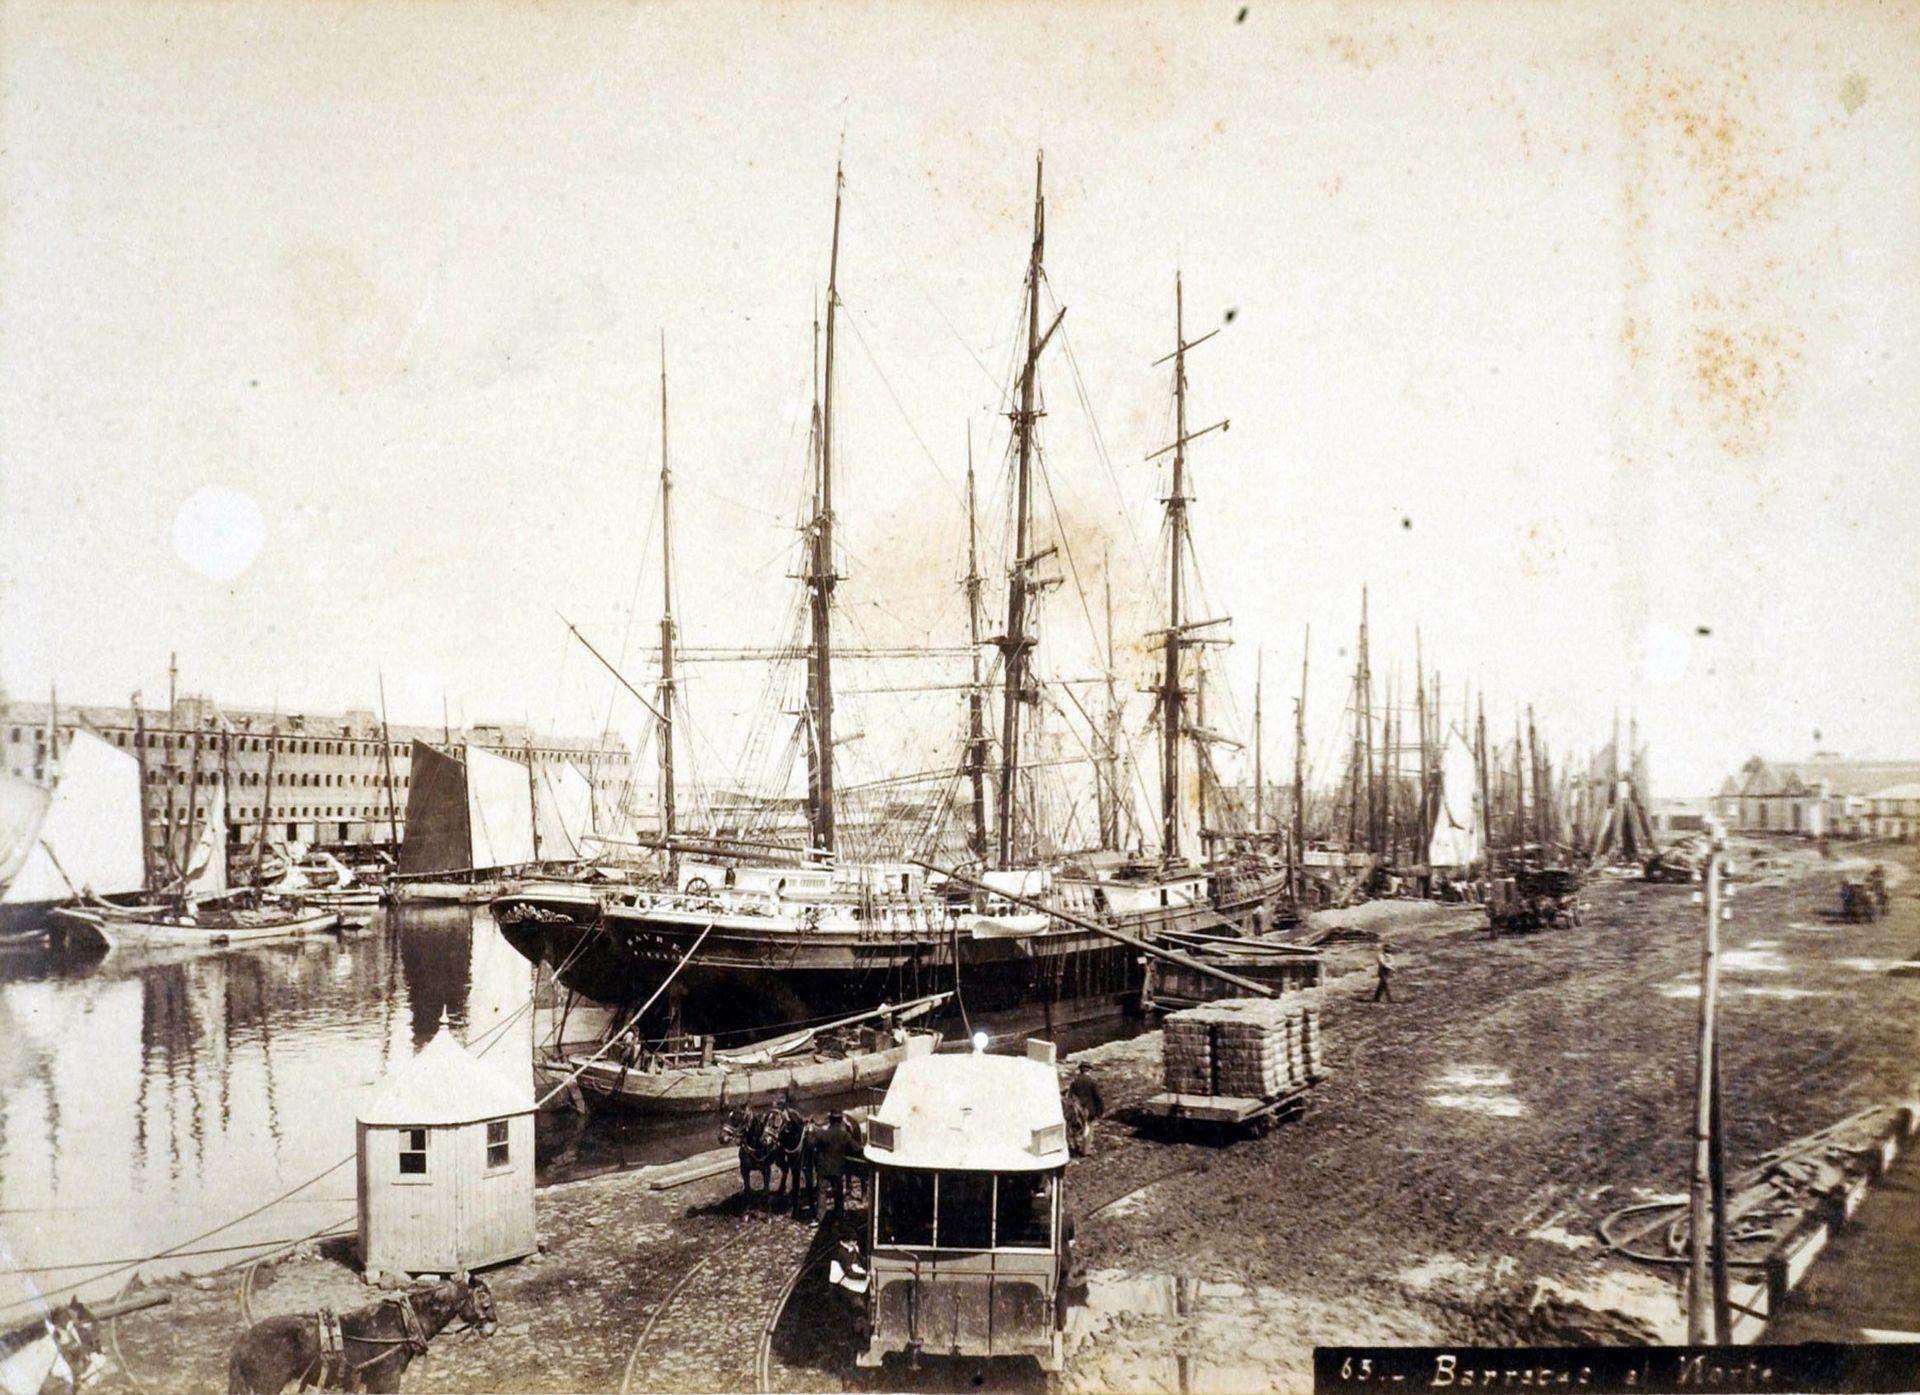 Vista del Puerto del Riachuelo, obra de Huergo